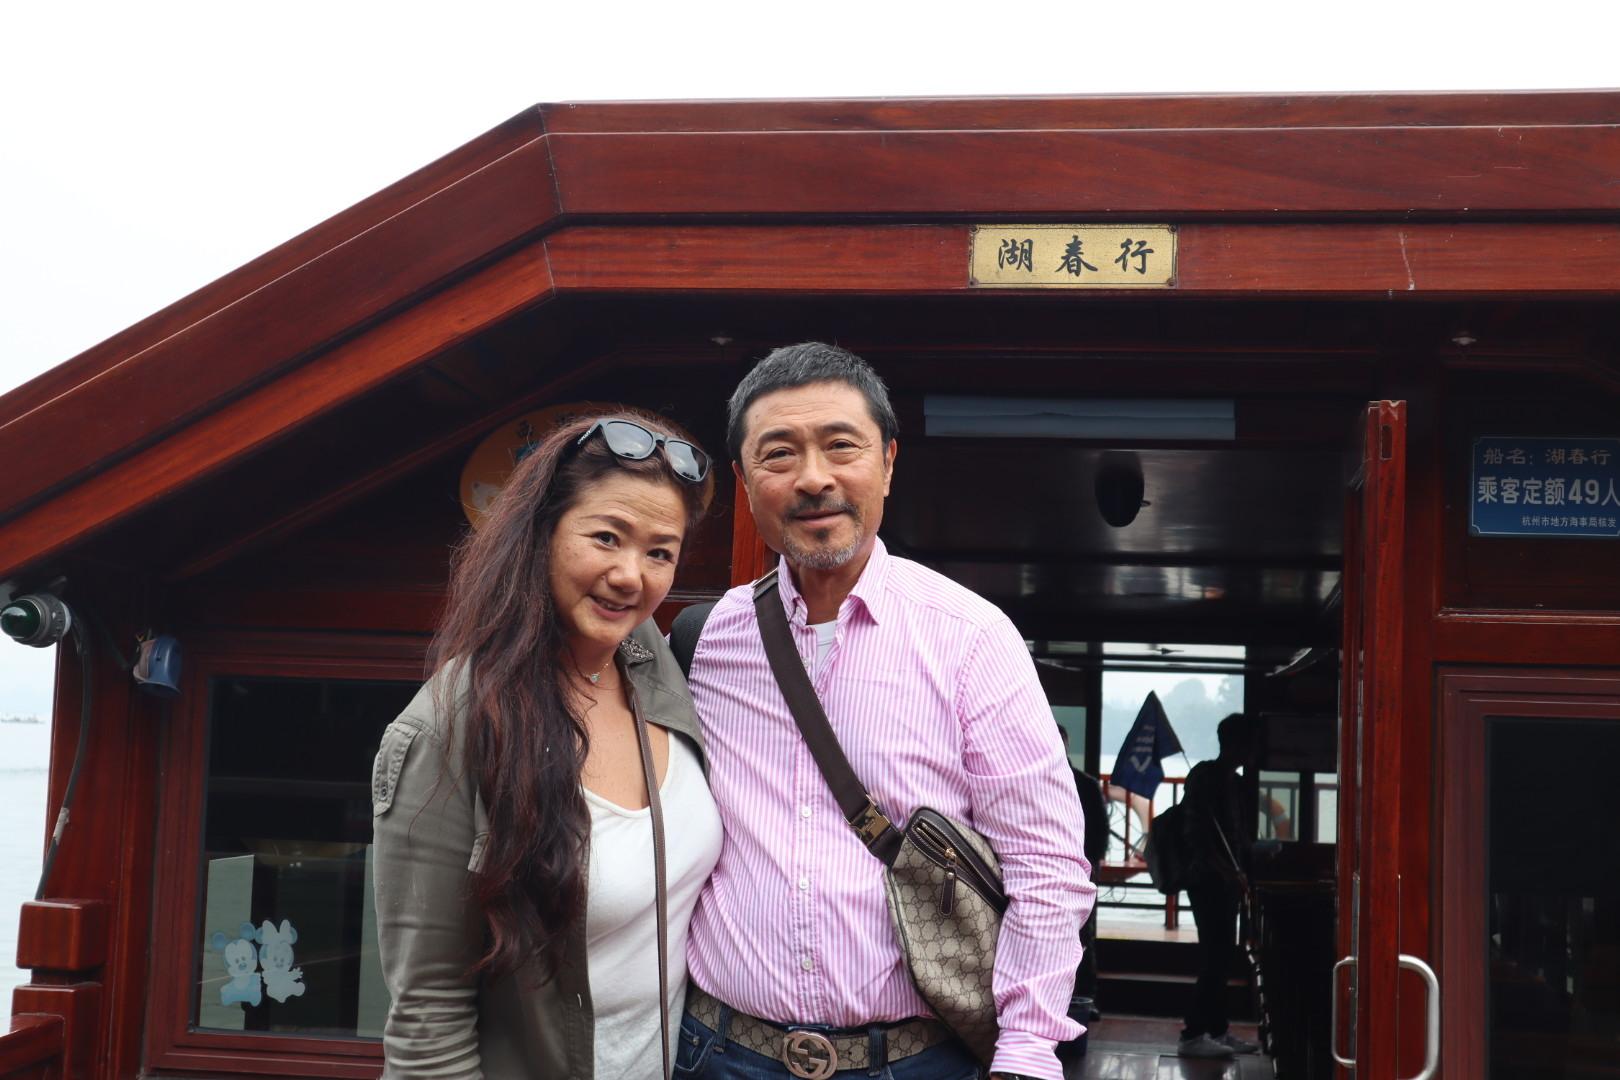 杭州往復6時間かけても行く価値は、日本人にはないかもしれません。  蘇州の方がもっと近い ミッションインパッシブルの舞台になった水郷でもよかったのかな、と思いました。 運転手さんは運転はとてもうまく ガイドの朱さんも話好きな脚の早いとてもいいガイドさんでしたが、ランチ、これは、美味しくなかった、もう少しマシなレストランはないのでしょうか?スープは冷たいし、お茶も冷たいし、温めさせてもまだぬるい、せめて熱々のお茶とスープを飲みたかったです。